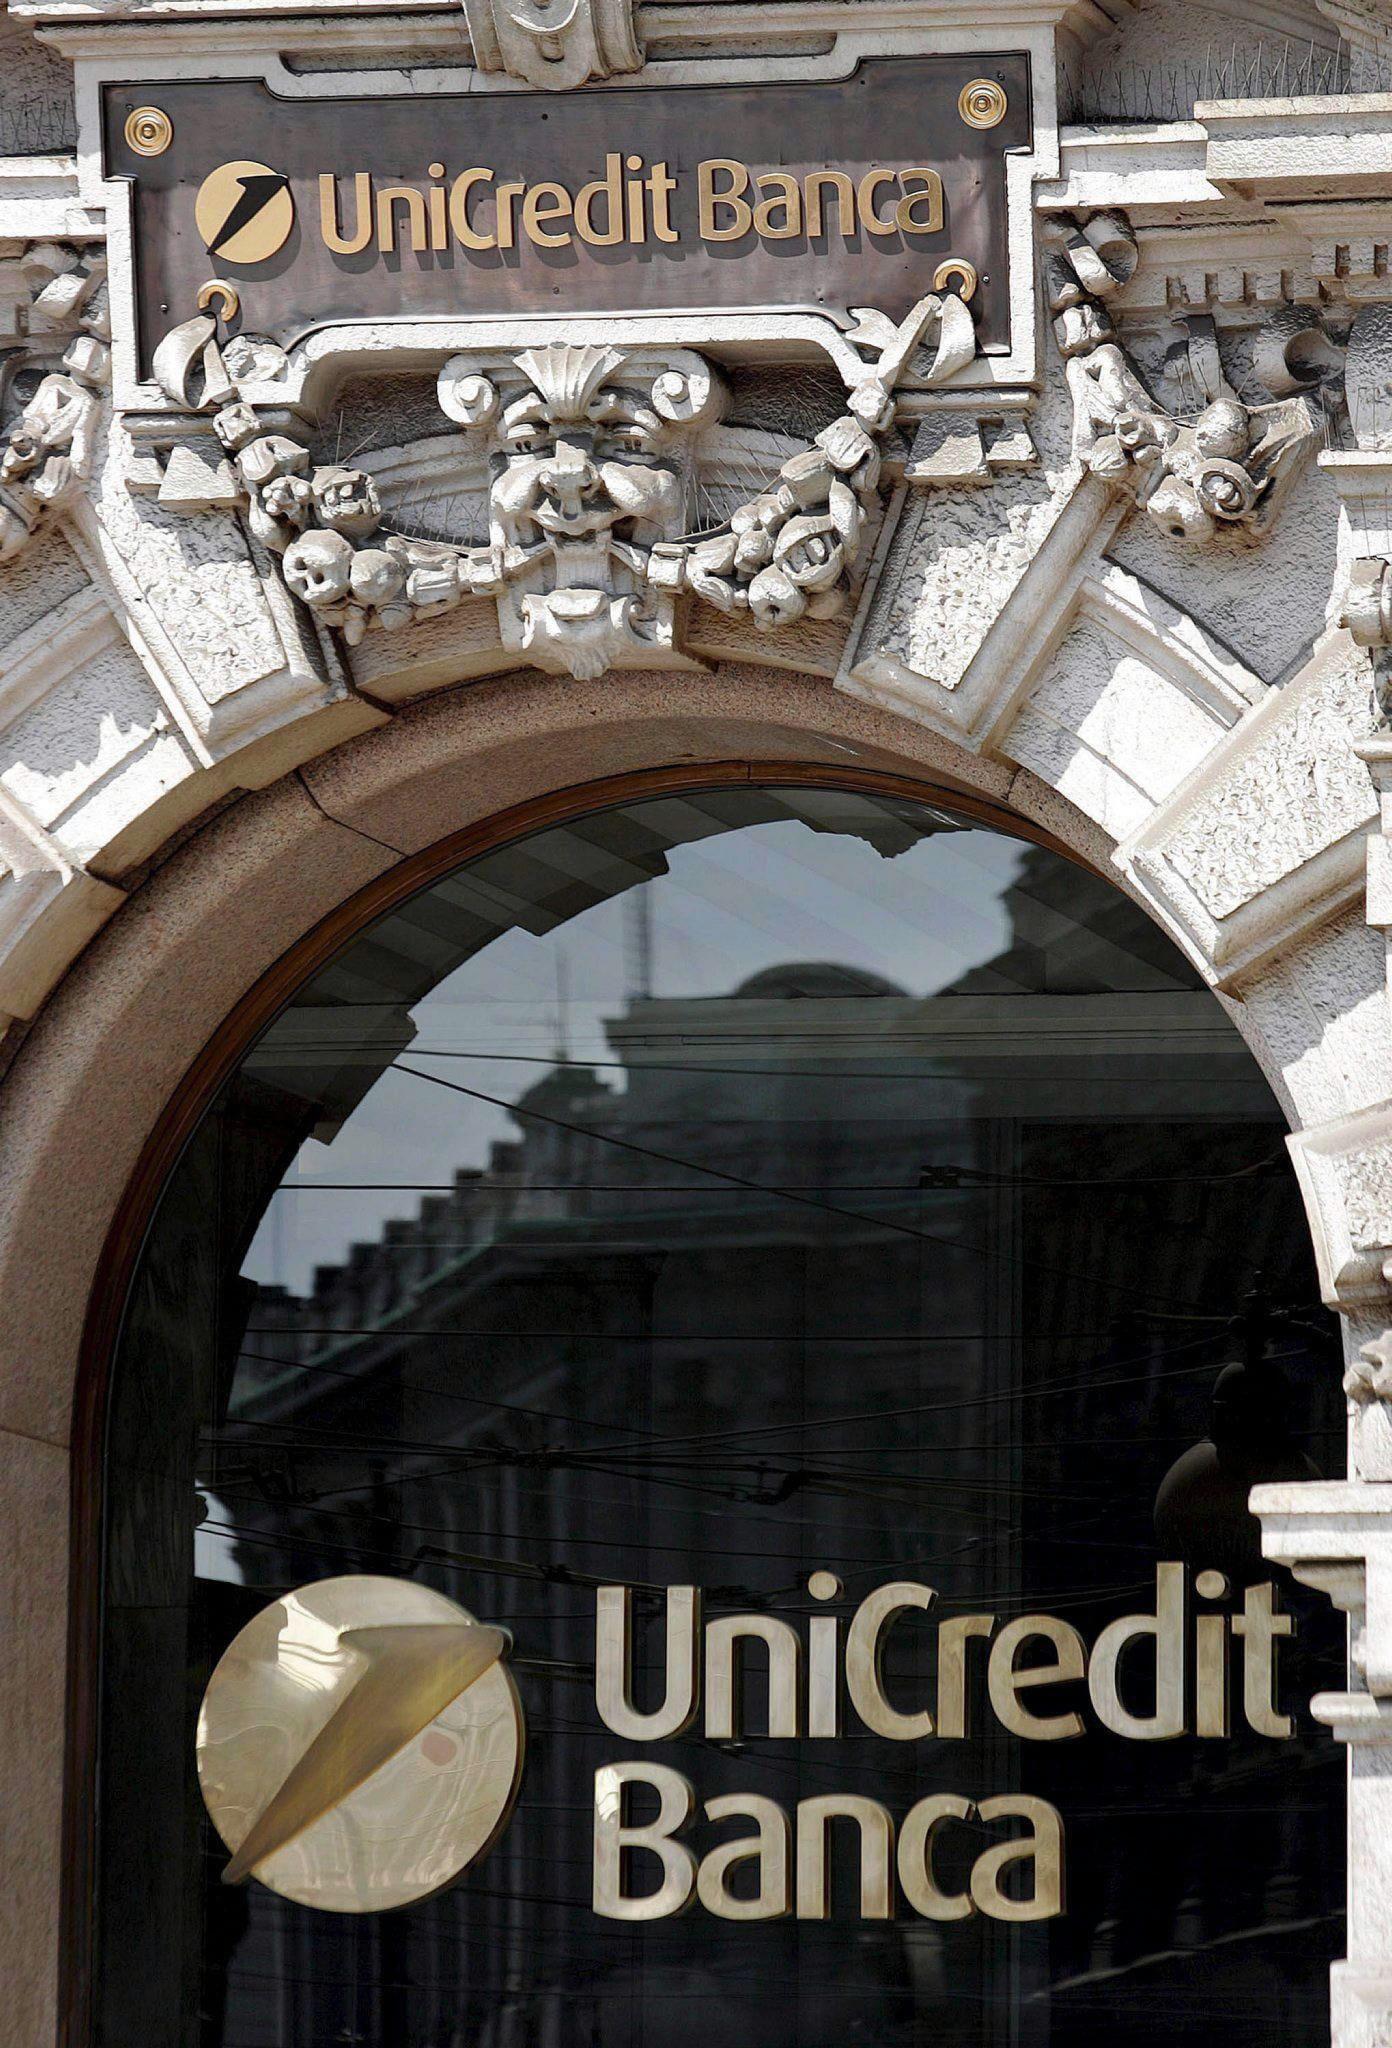 Contratti derivati, la Corte dei Conti indaga su Unicredit